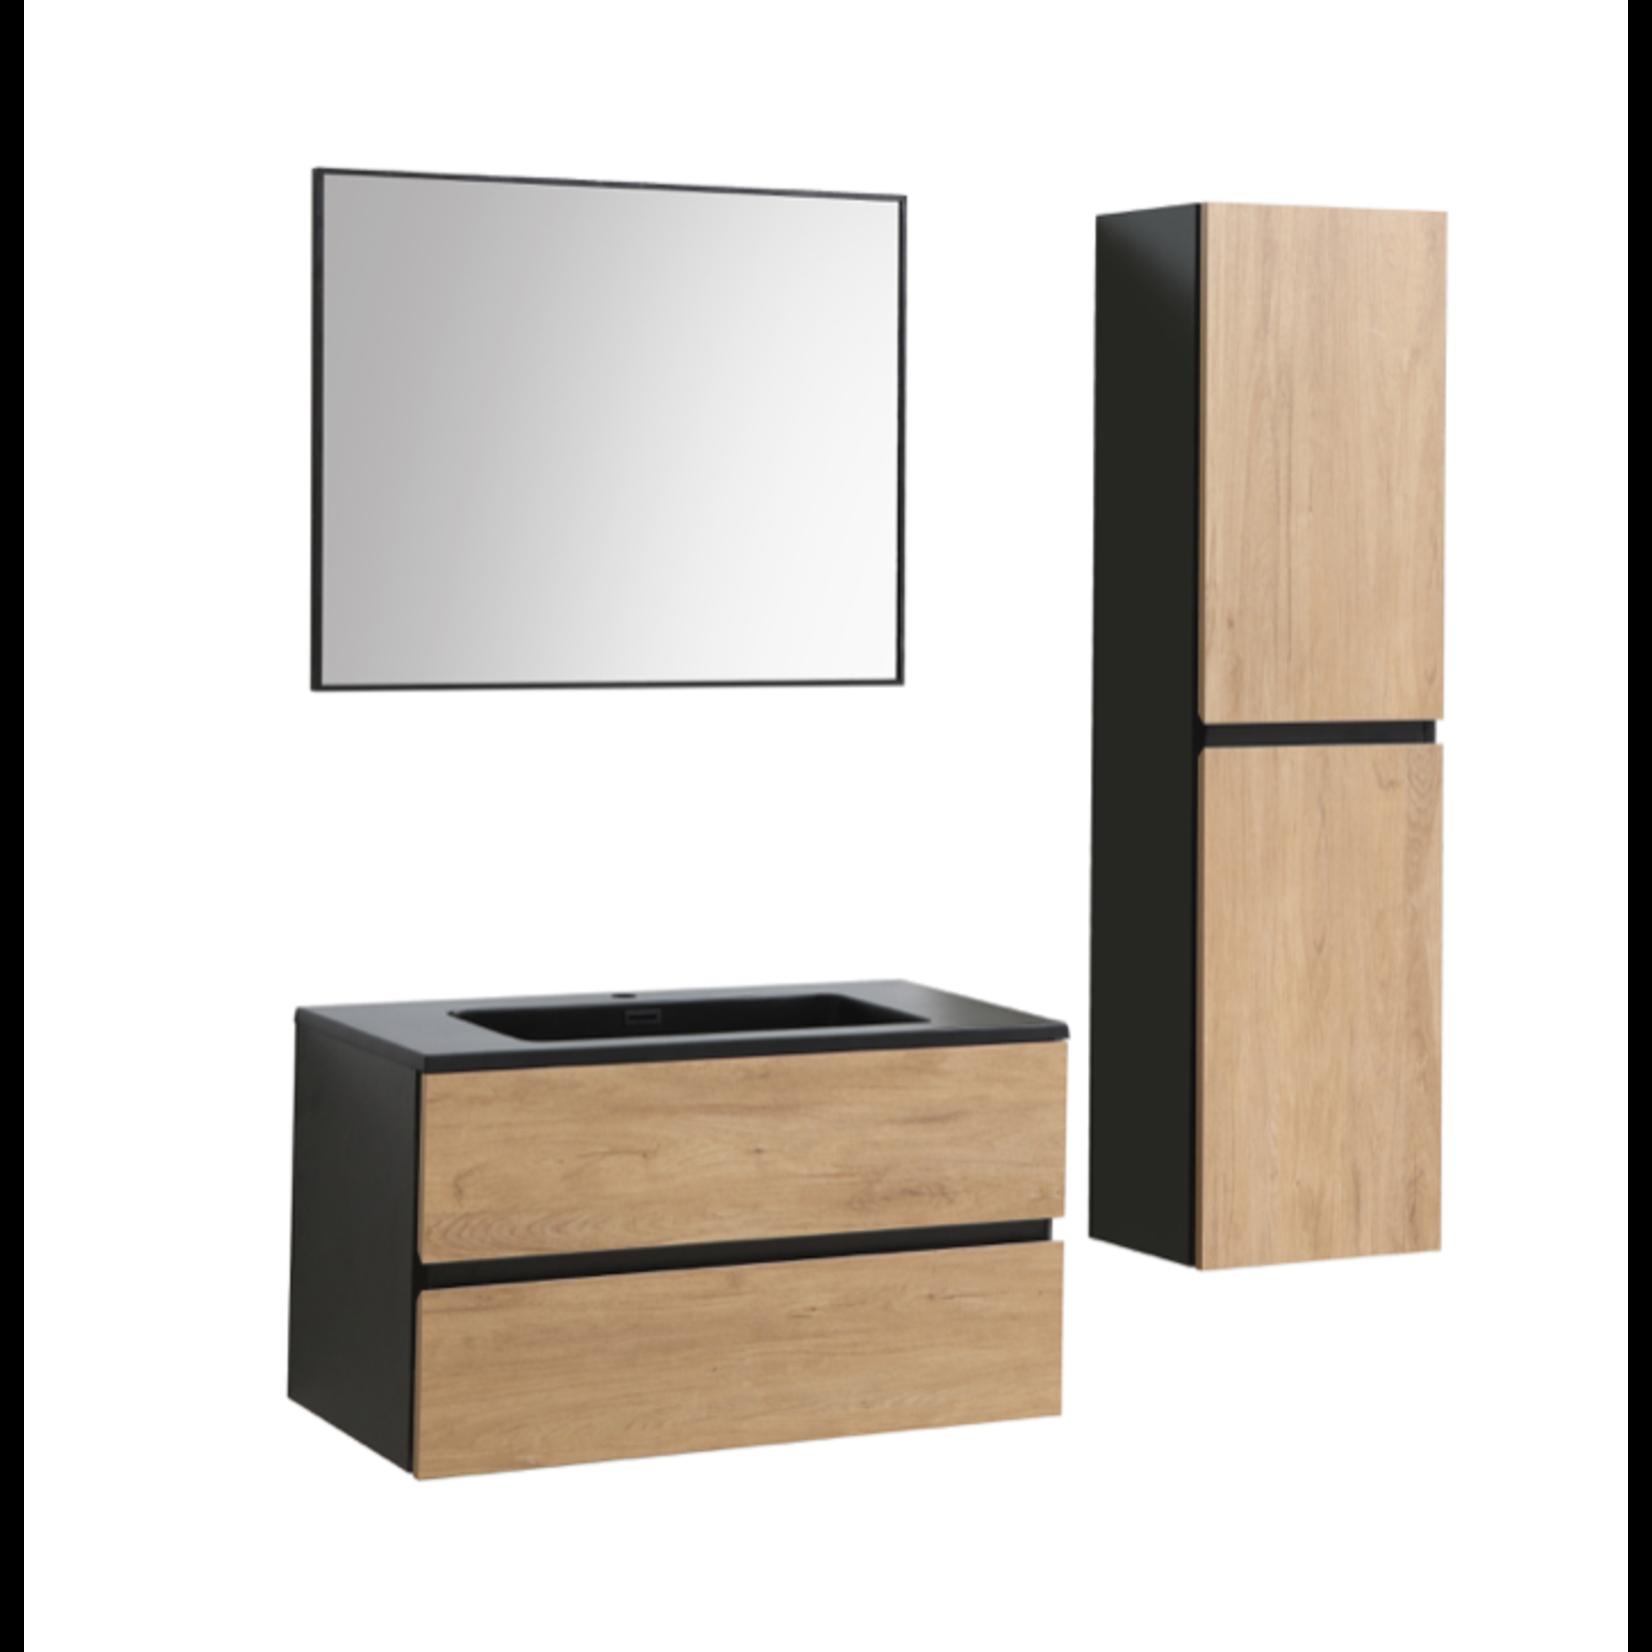 Akuaplus MIR9000 BL mirror matt black